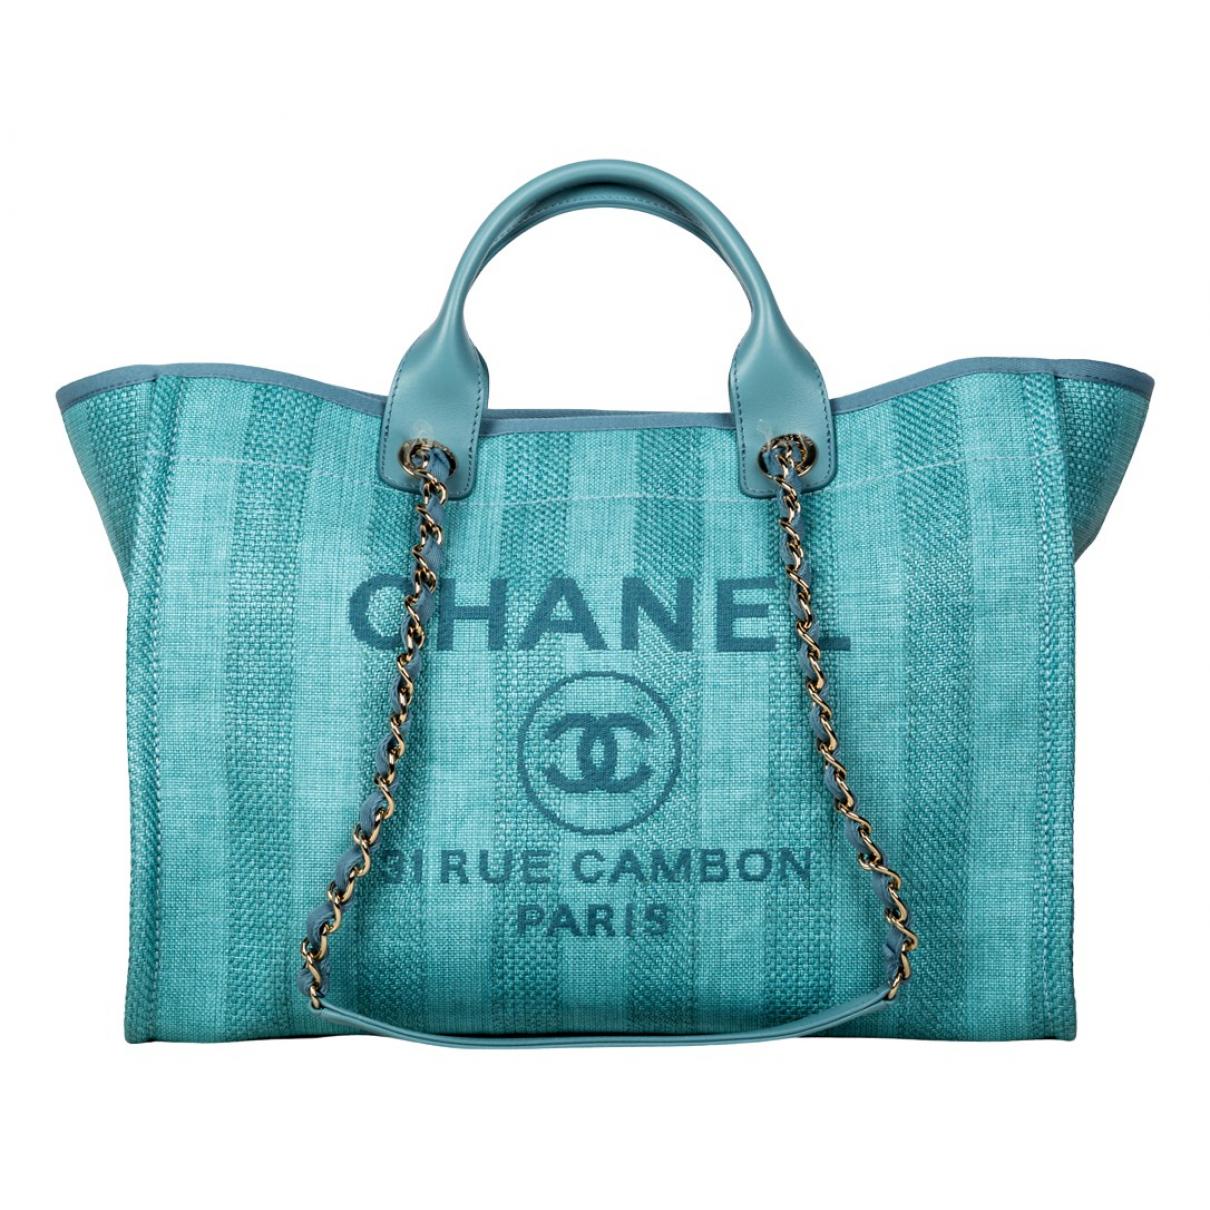 Chanel - Sac a main Deauville pour femme en toile - turquoise